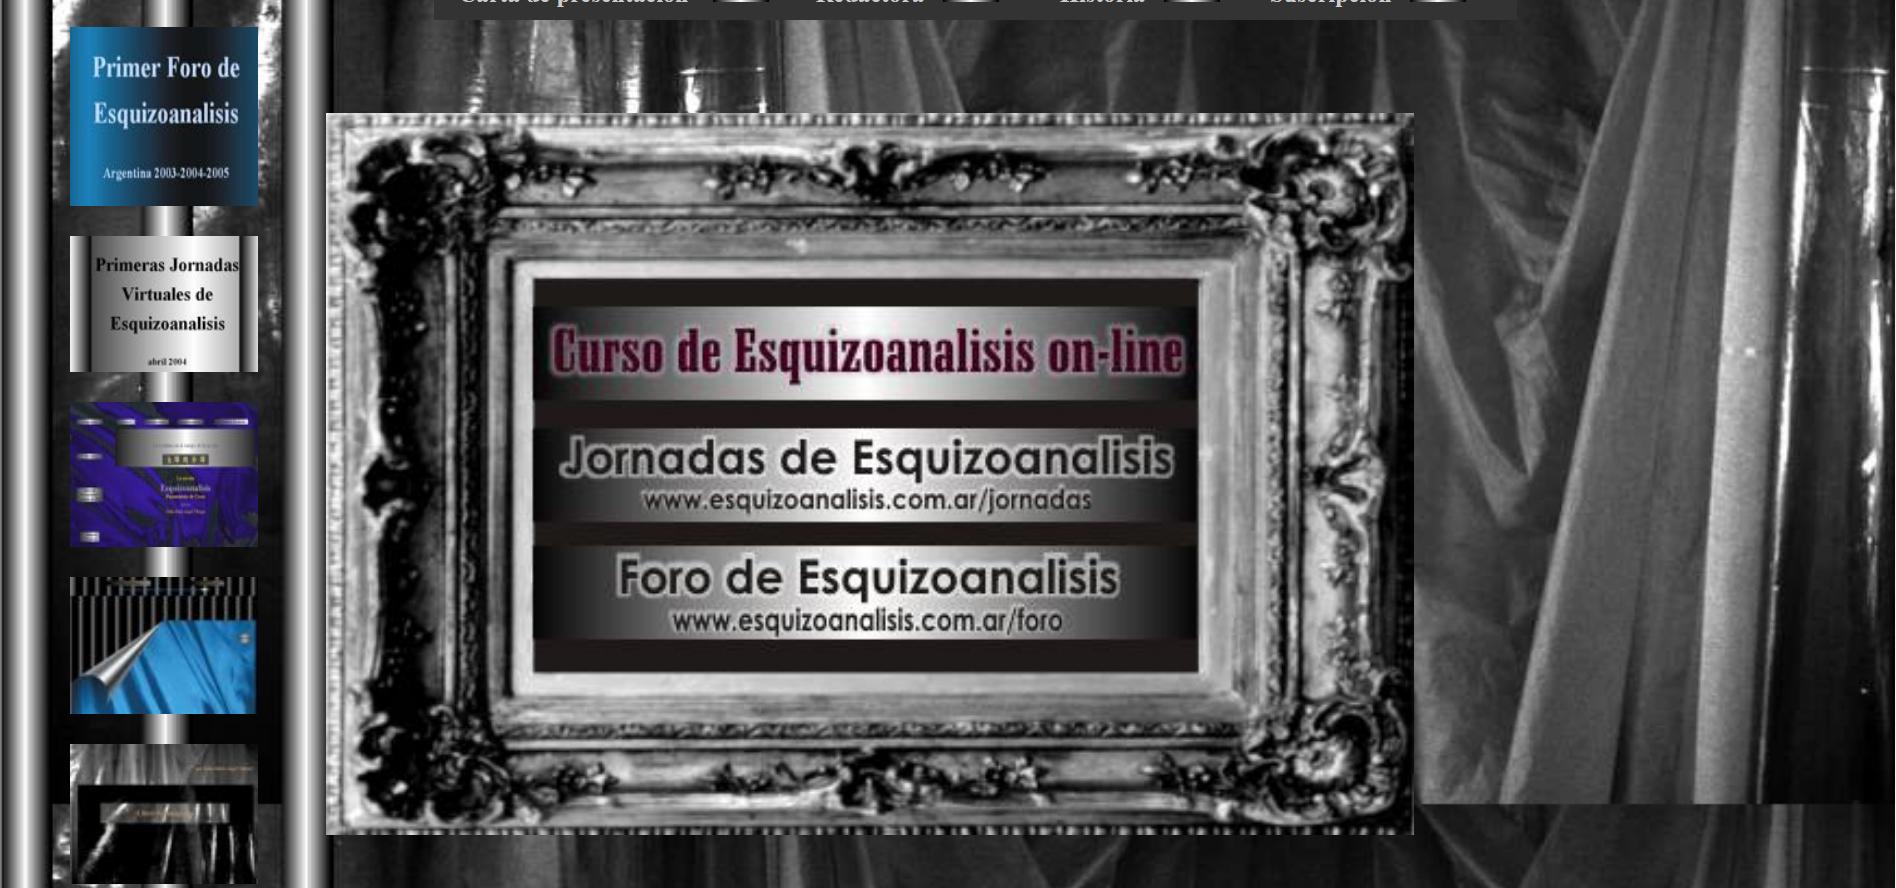 http://medicinayarte.com/img/curso_esquizoanalisis_online.jpg